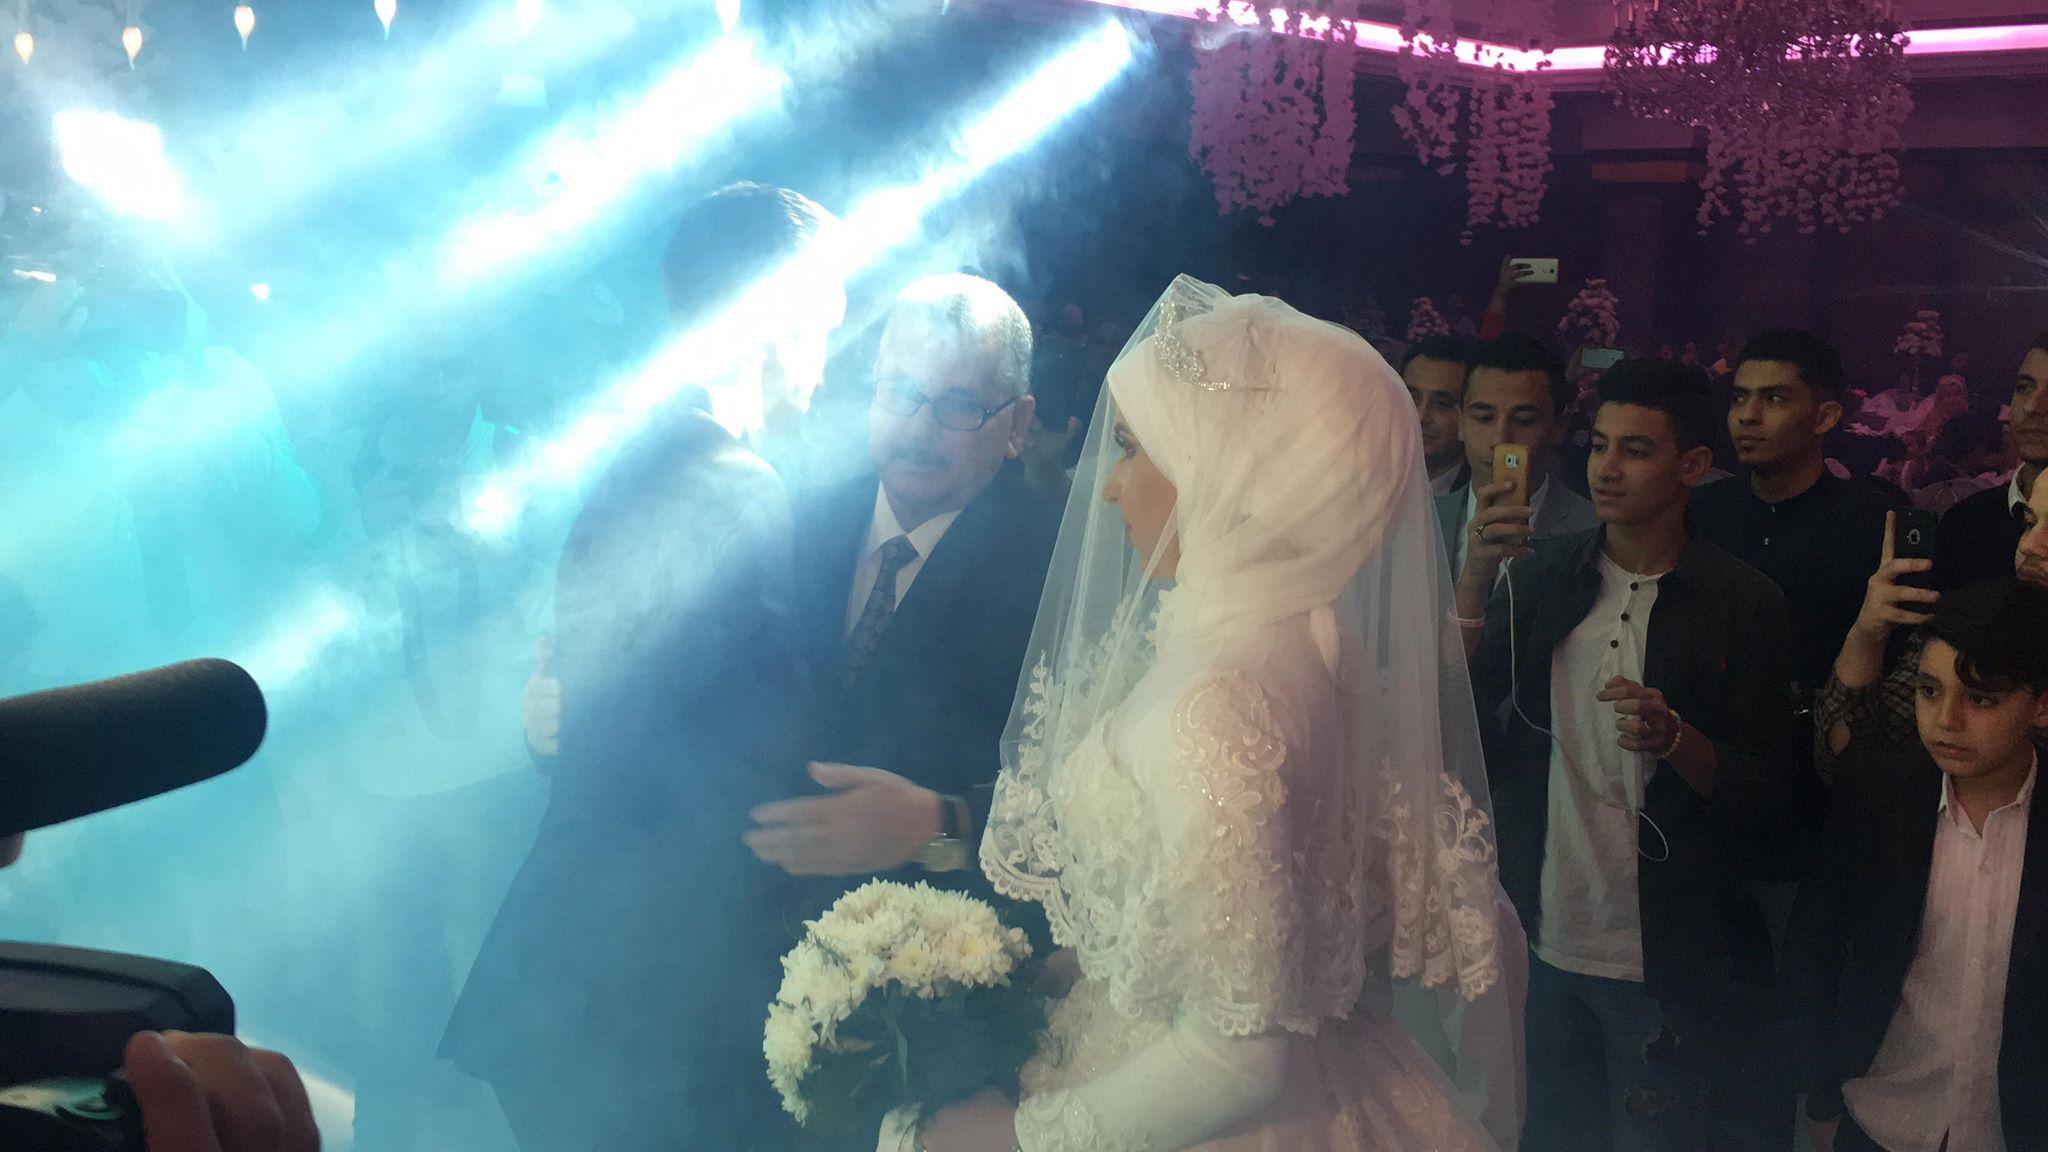 دونجا يحتفل بحفل زفافه (24)